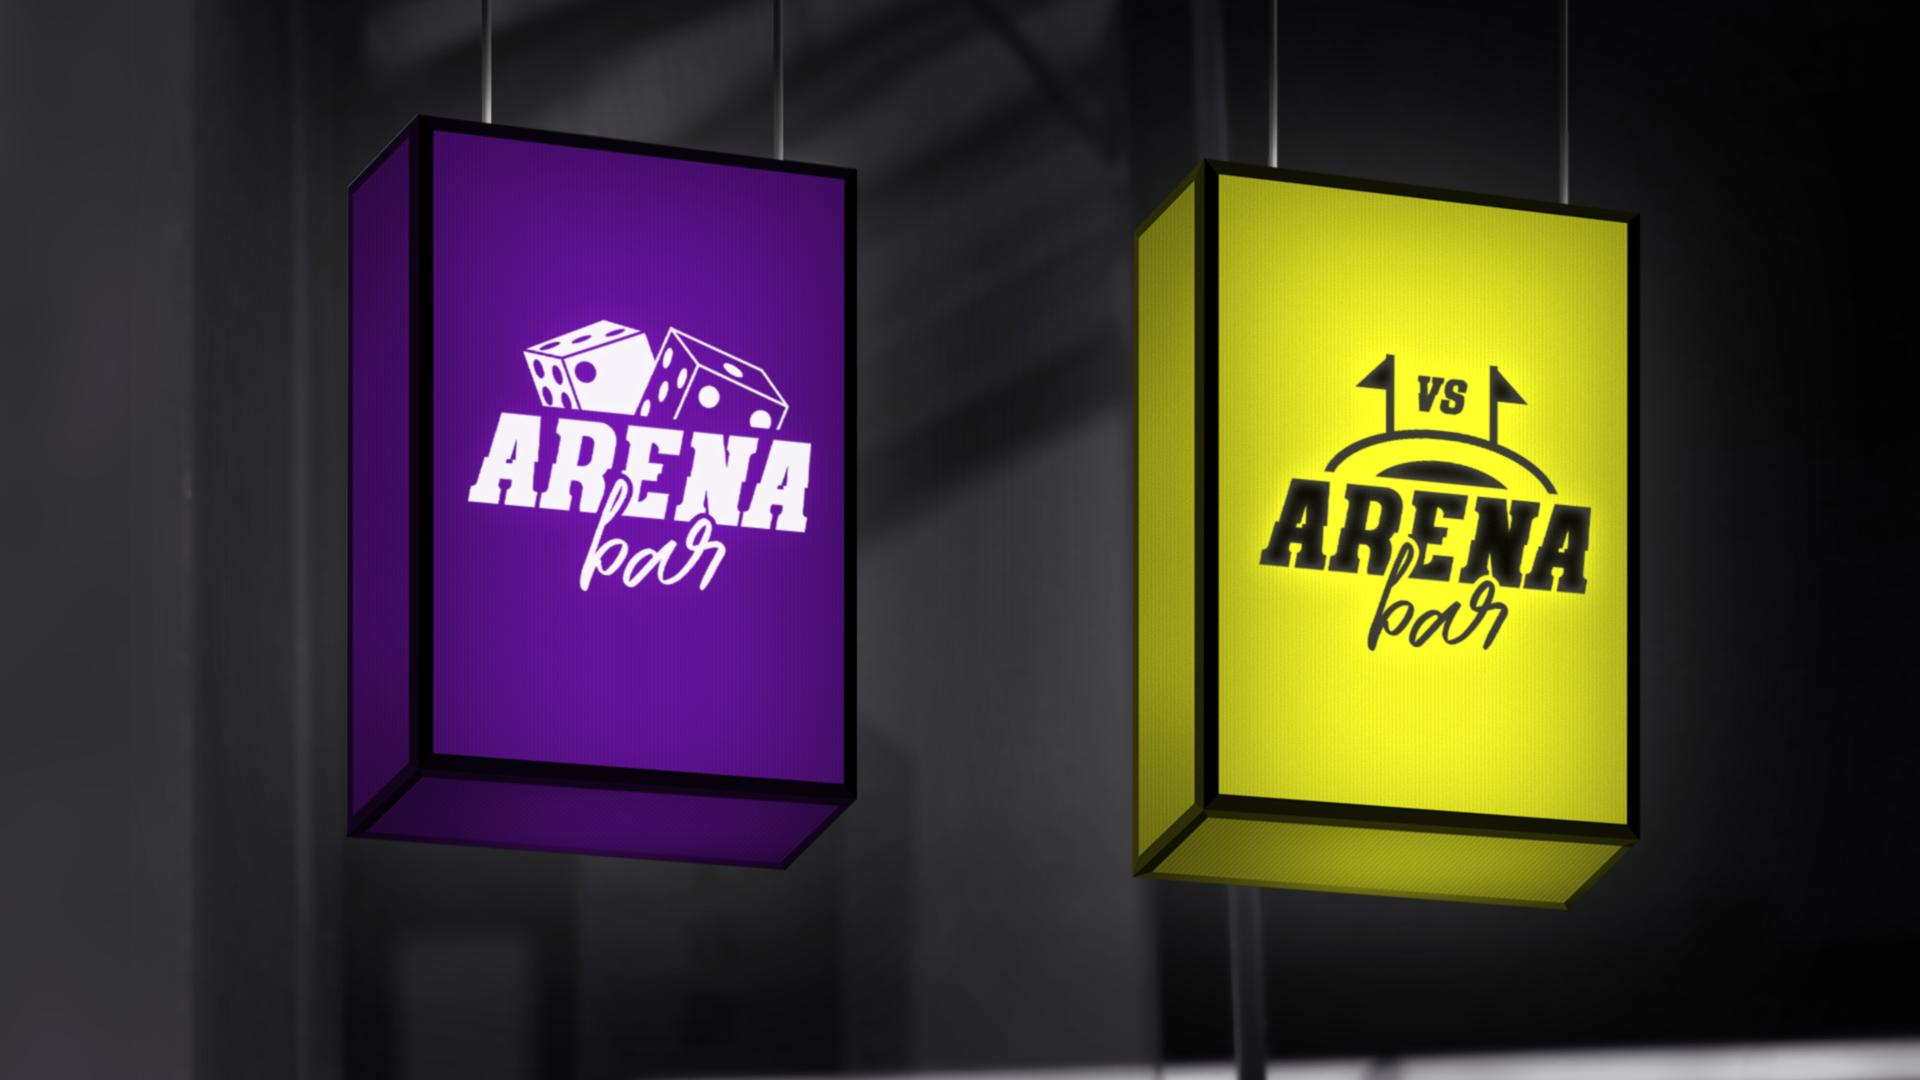 Разработка логотипа для бара! фото f_8025dceac628db25.png